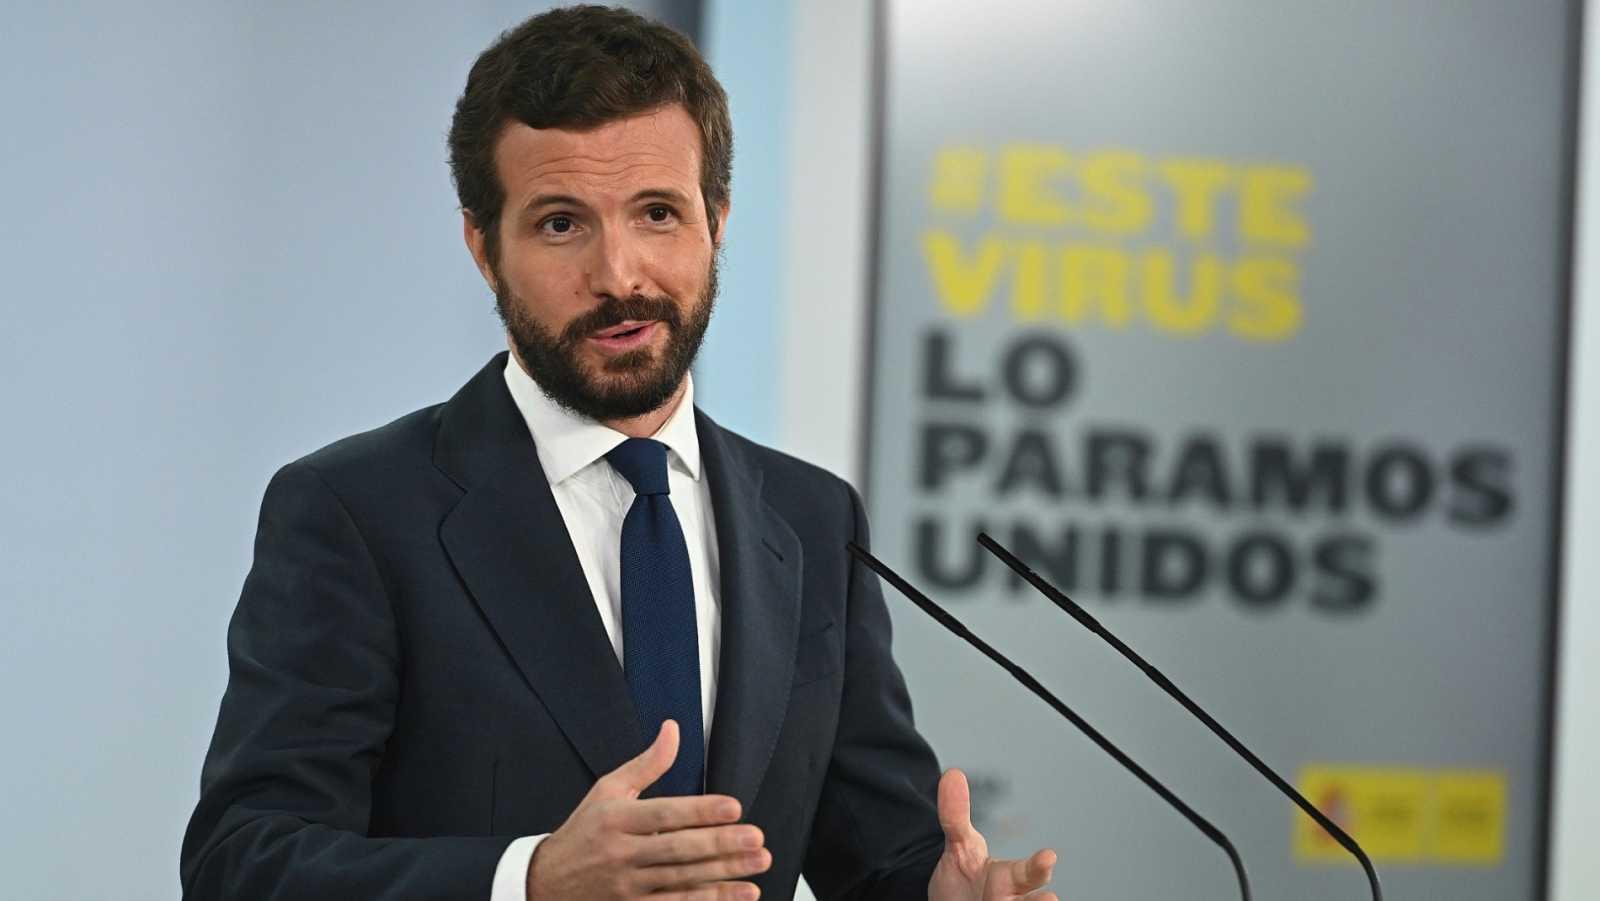 El líder del PP, Pablo Casado, en una imagen de archivo